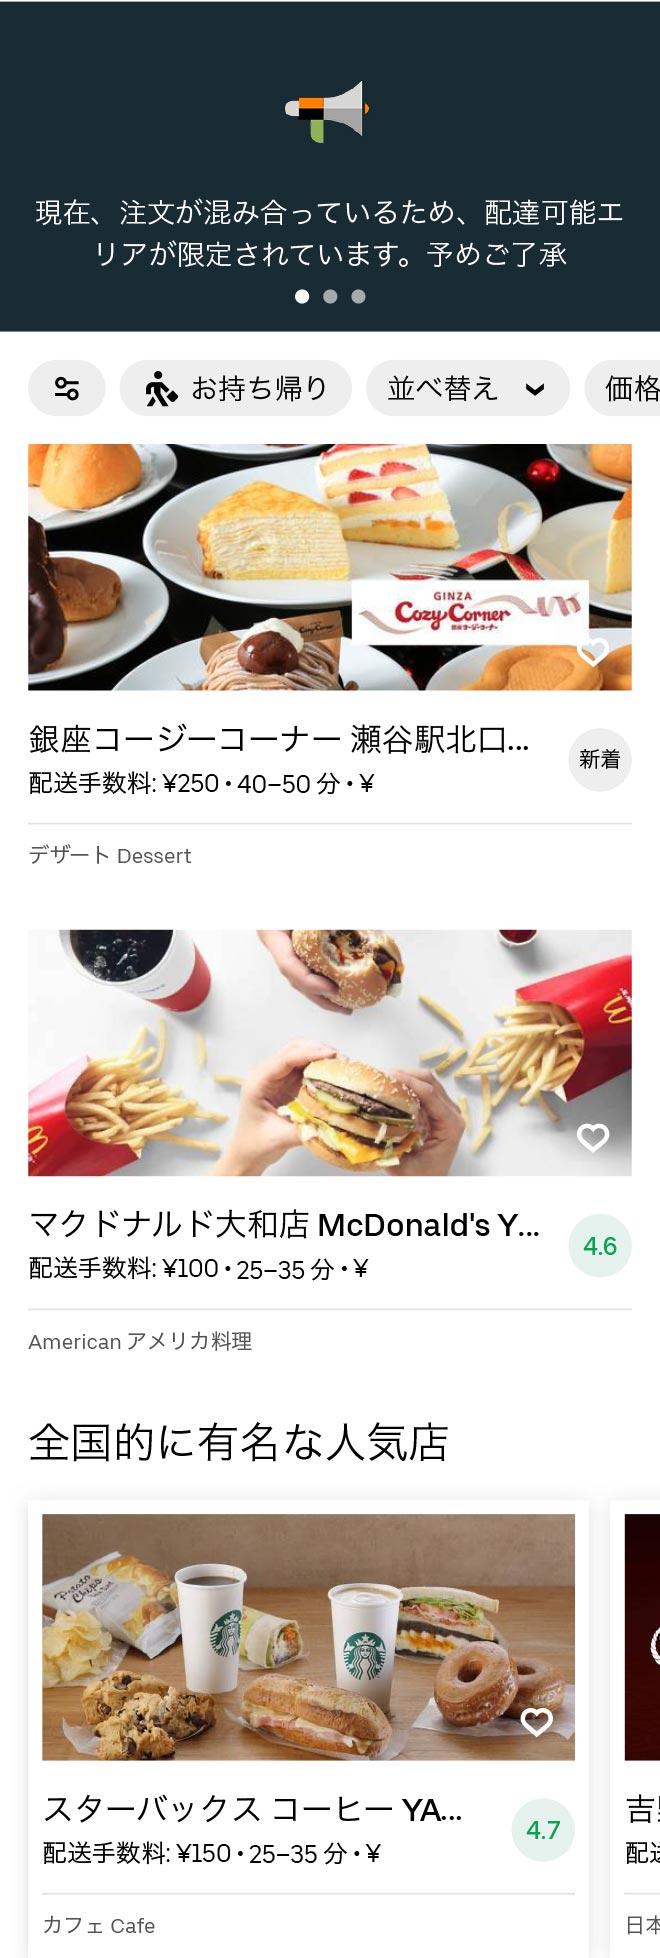 Yamato menu 2008 01